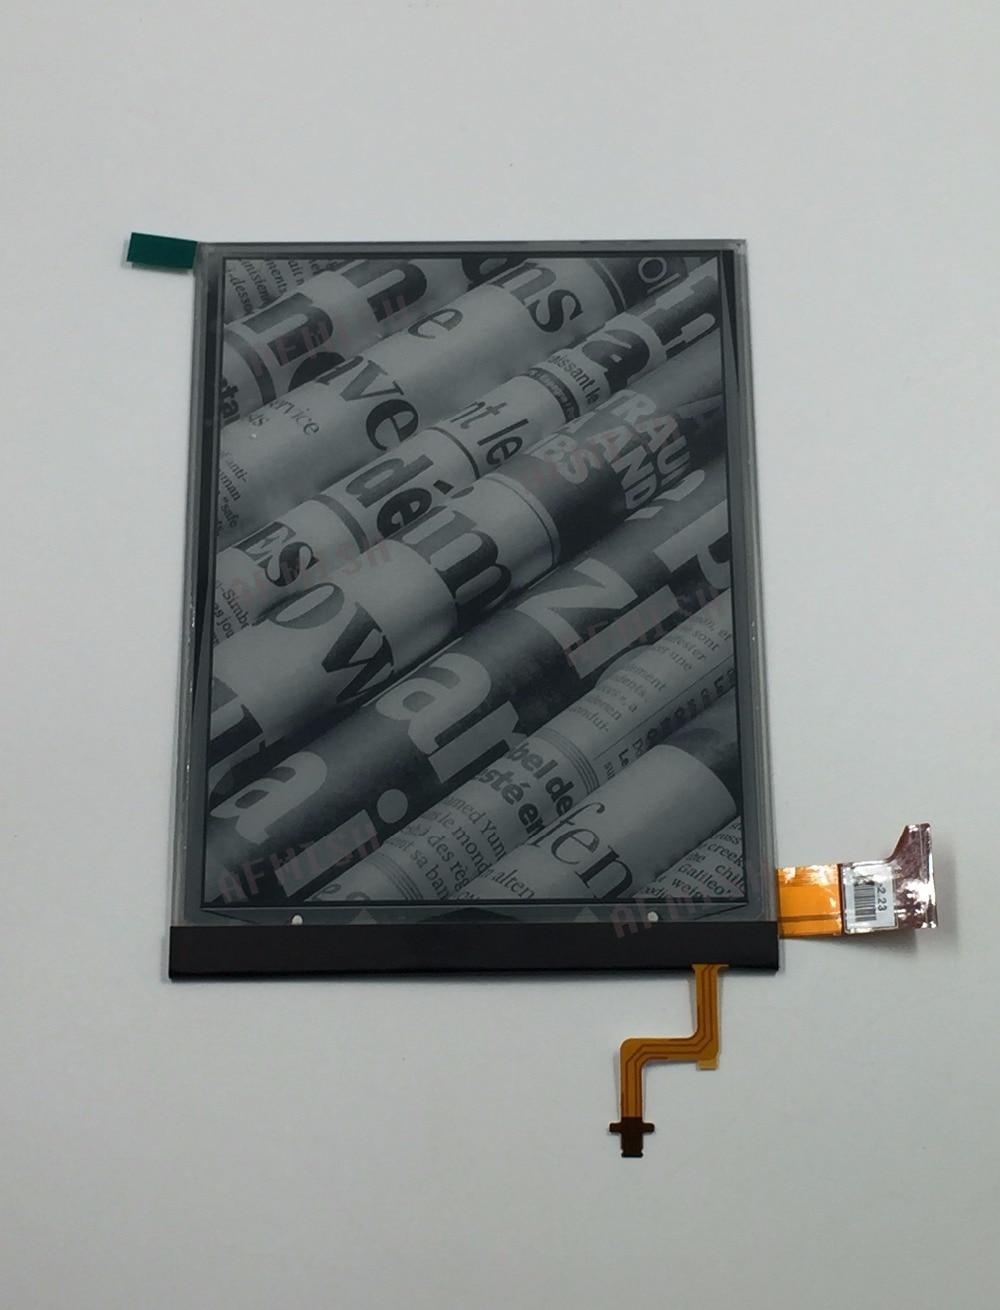 100%-pantalla LCD de 6 pulgadas Para lector de libros electrónicos, 1024x758 con retroiluminación, sin contacto, novedad, envío gratis